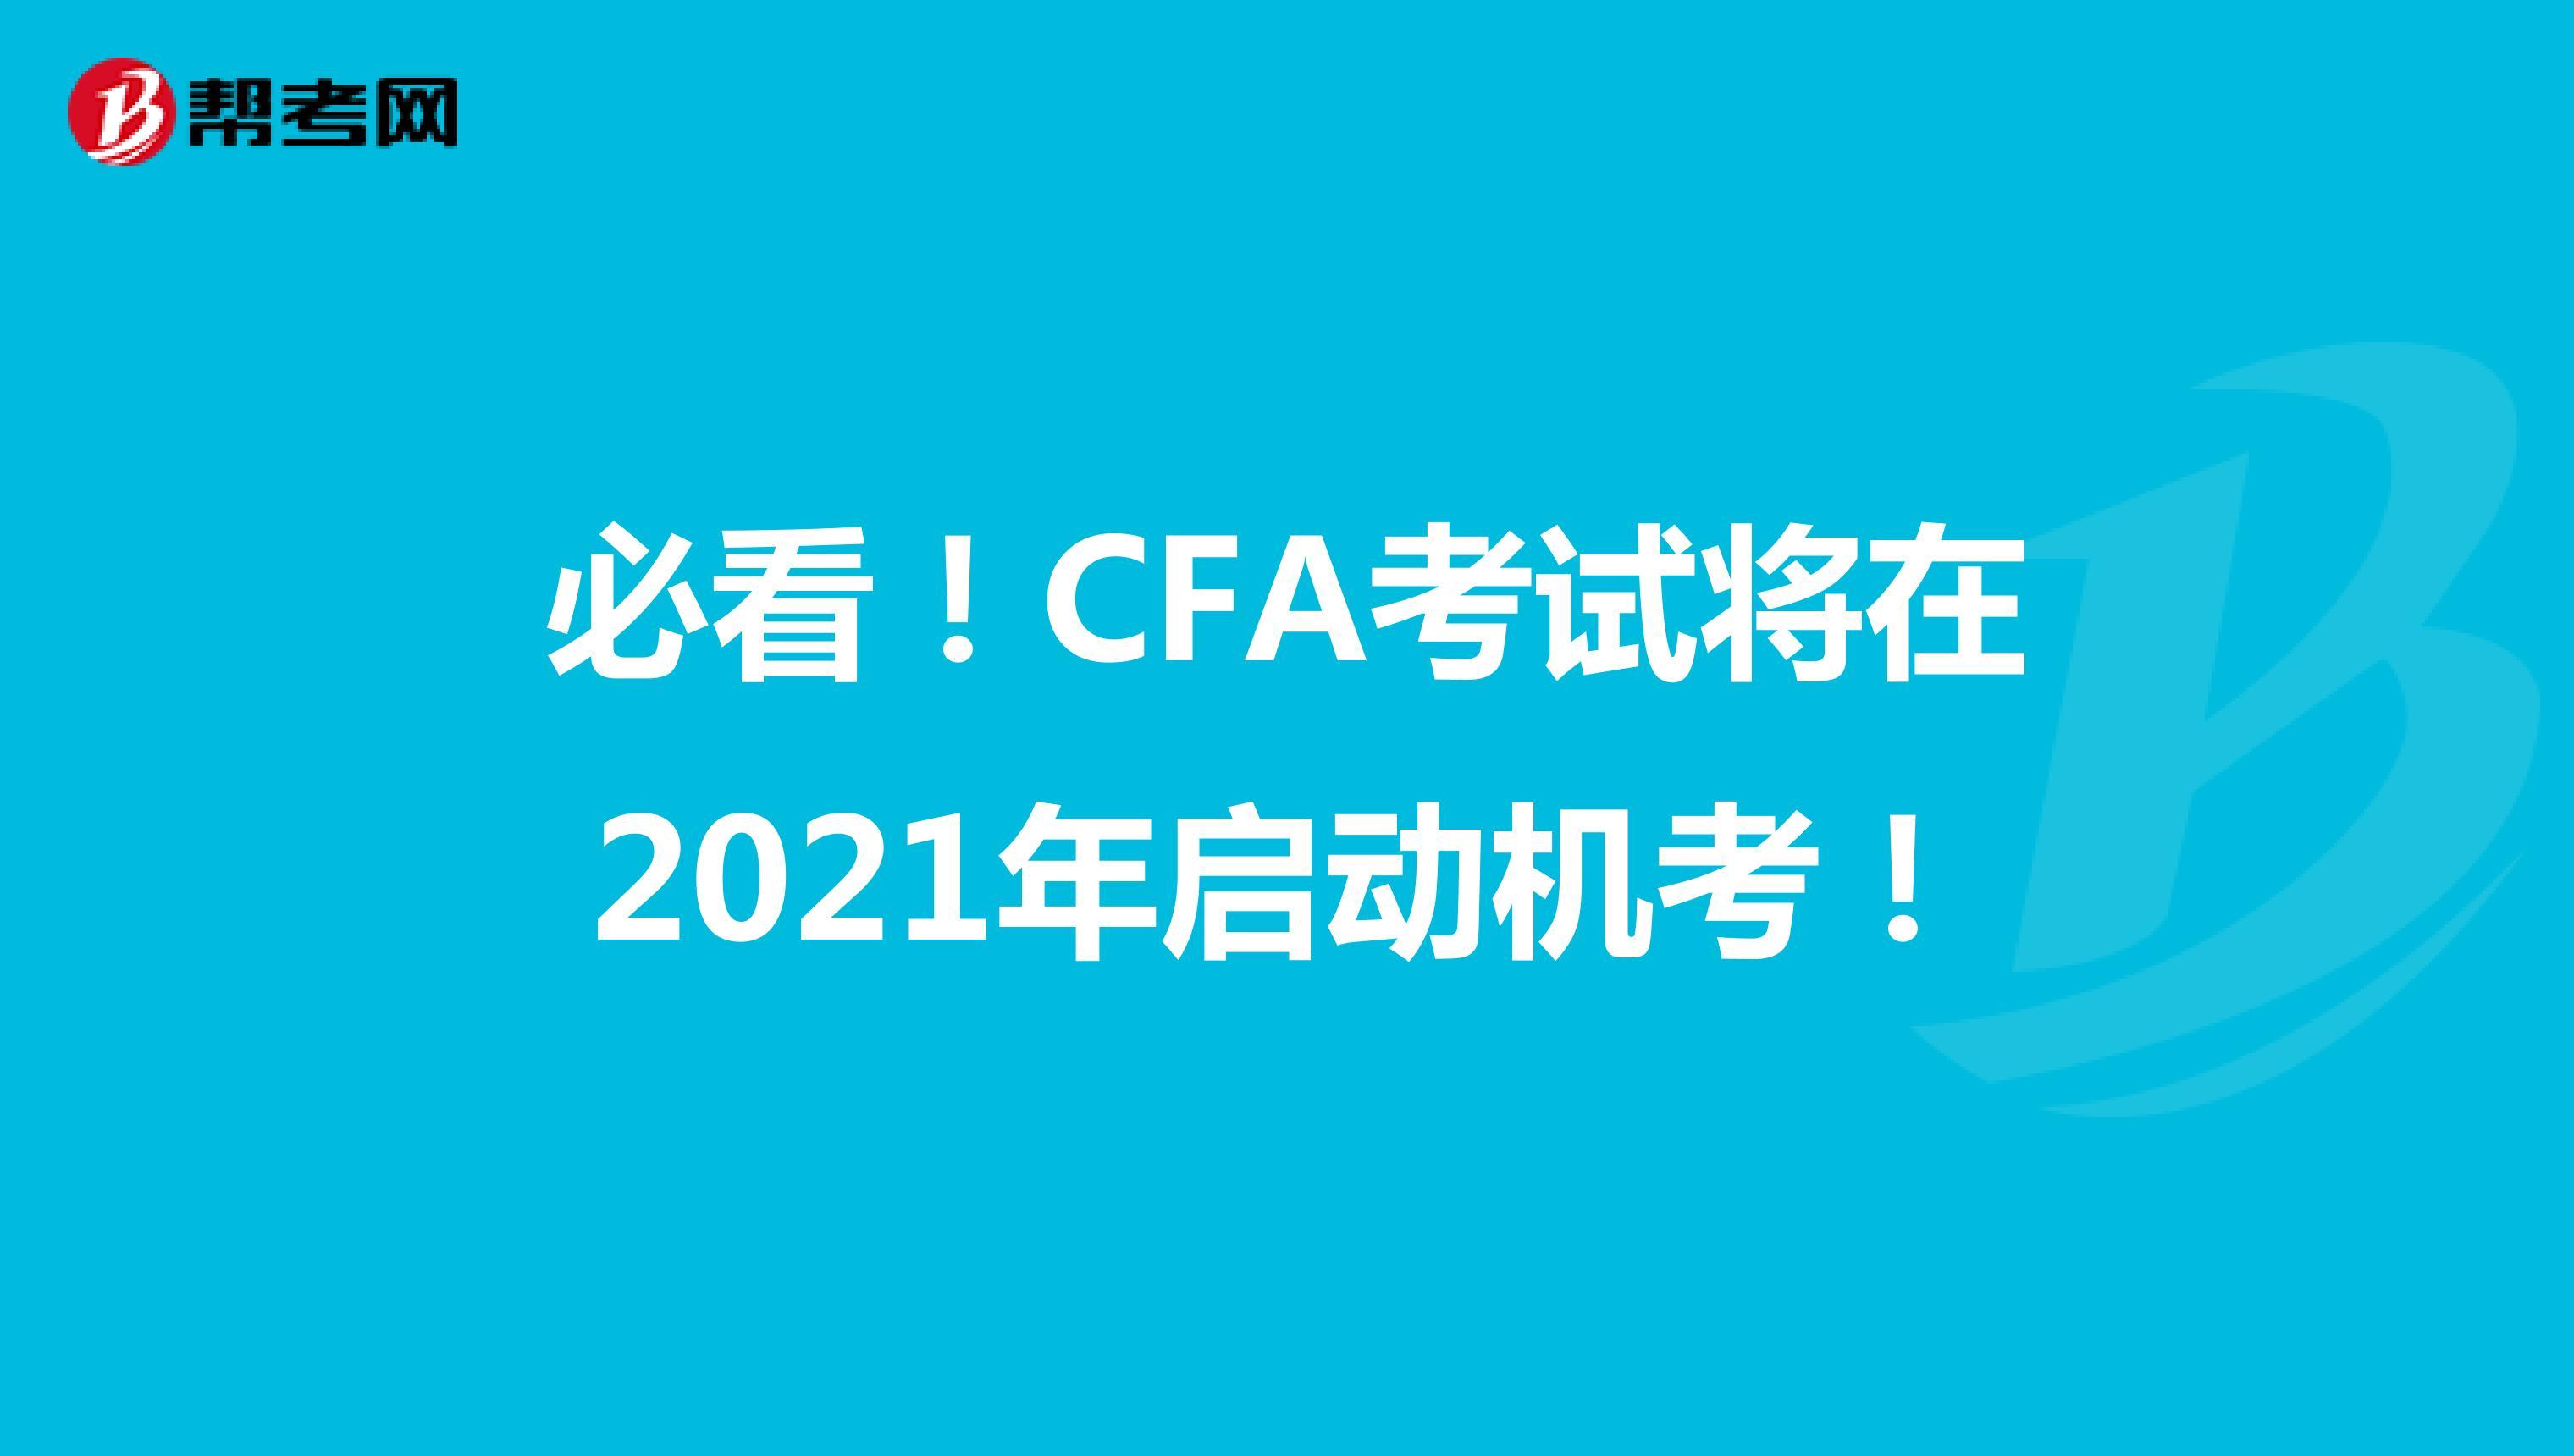 必看!CFA考试将在2021年启动机考!